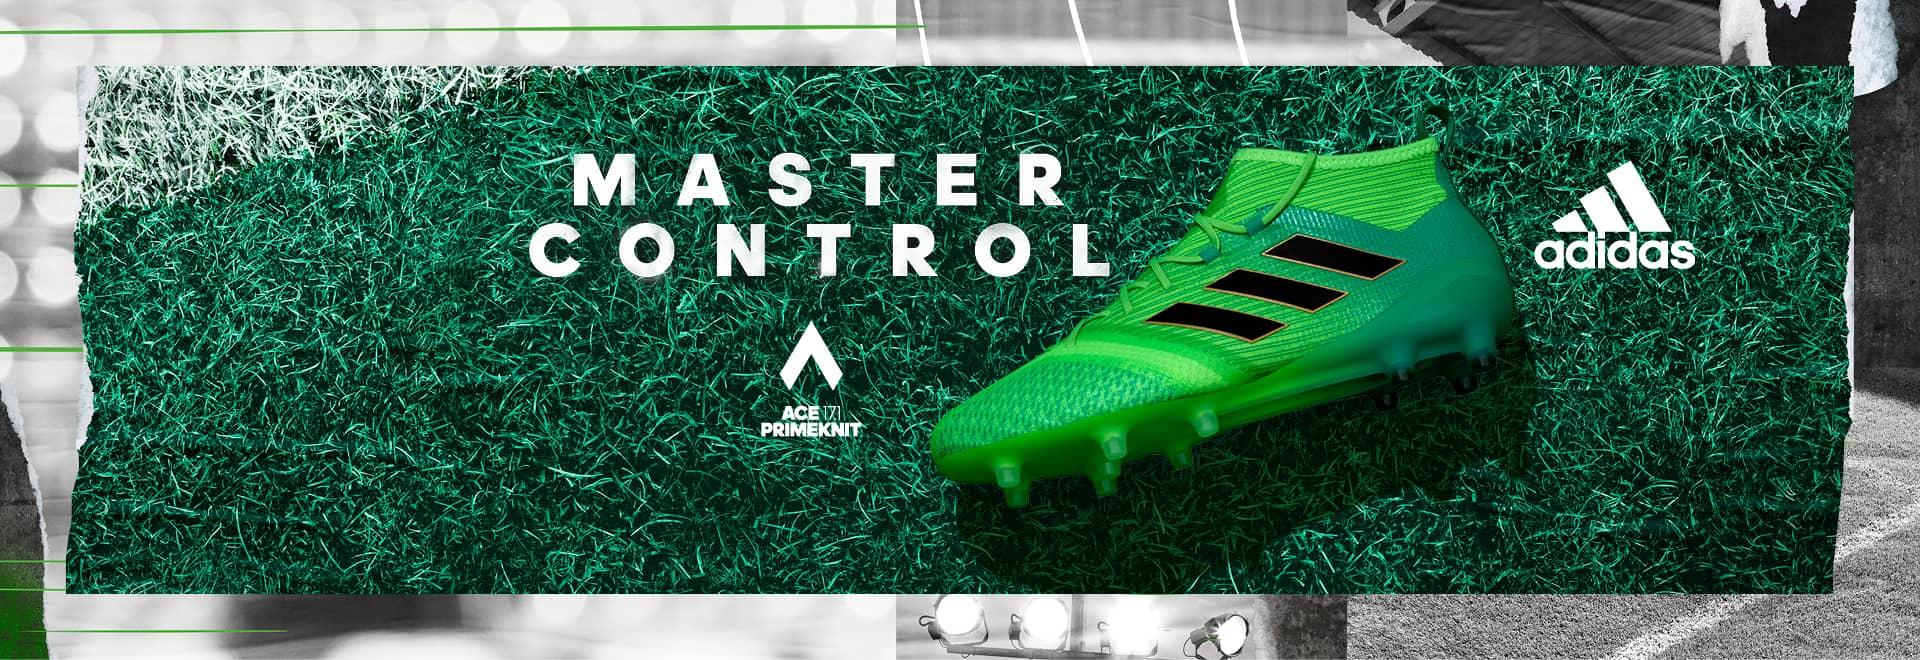 Adidas ace 17+ purecontrol brede voeten